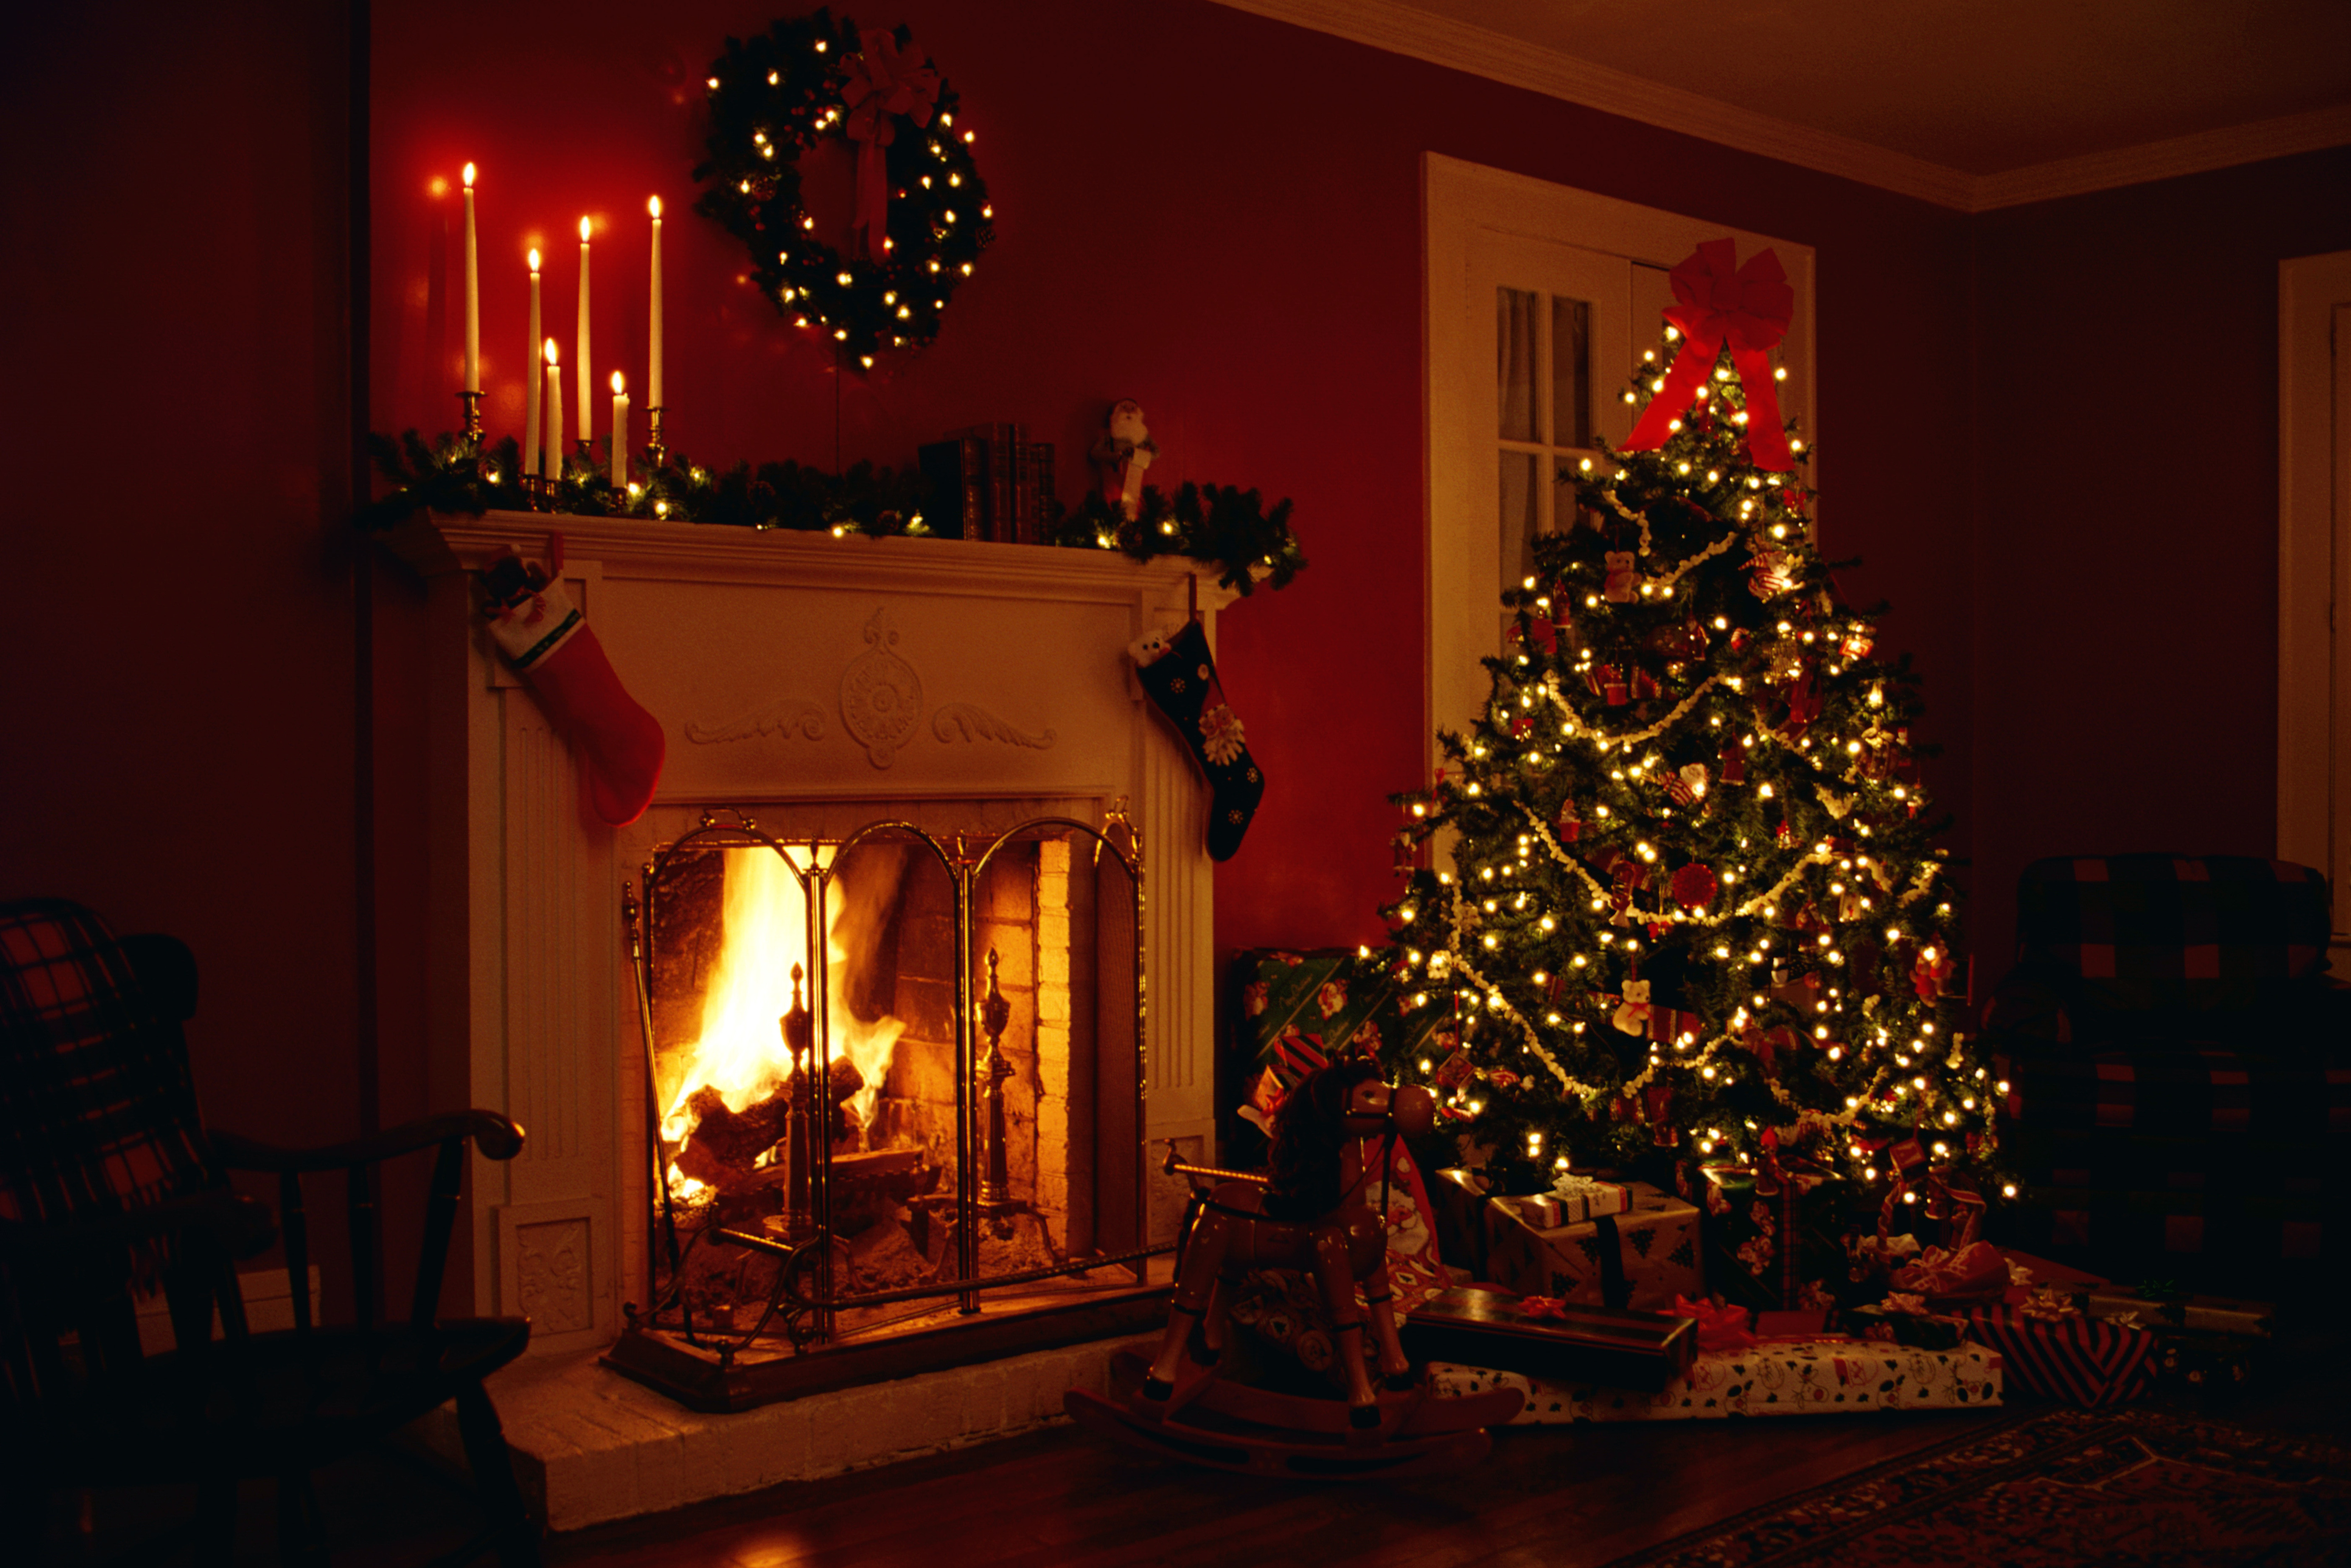 Fireplace with Chrismas Tree